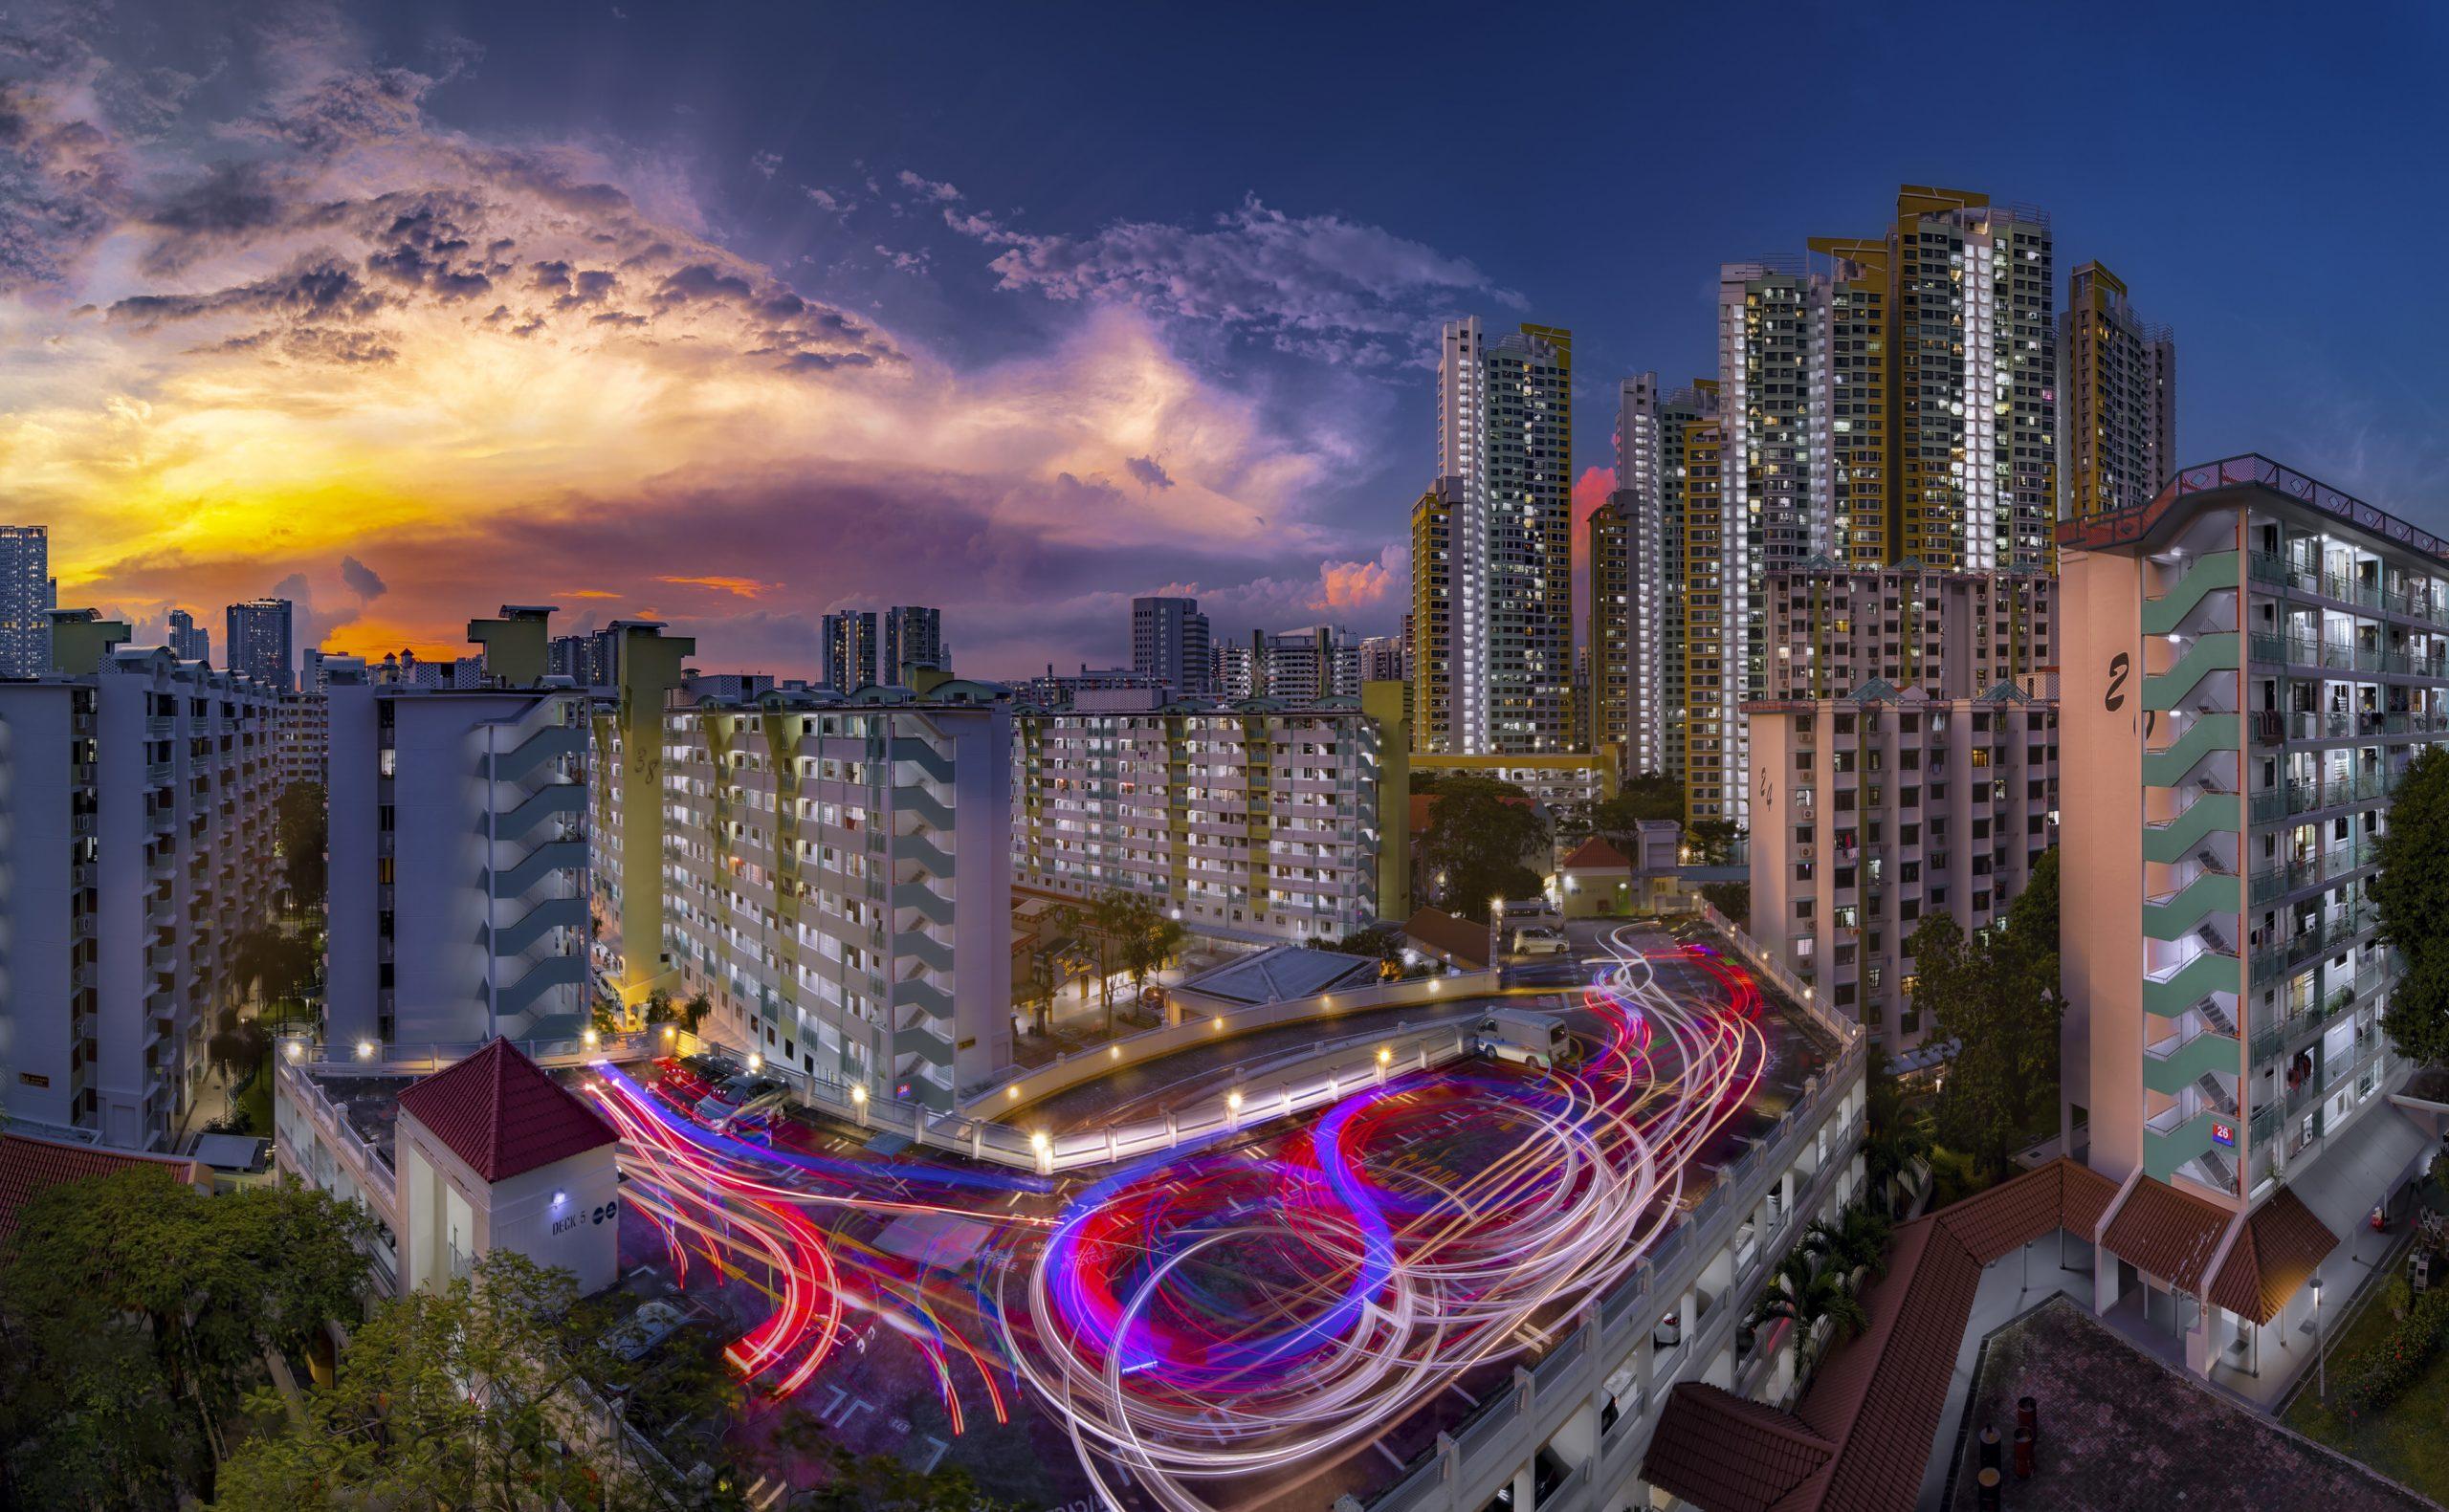 Dusk, Tiong Bahru. Singapore. NW